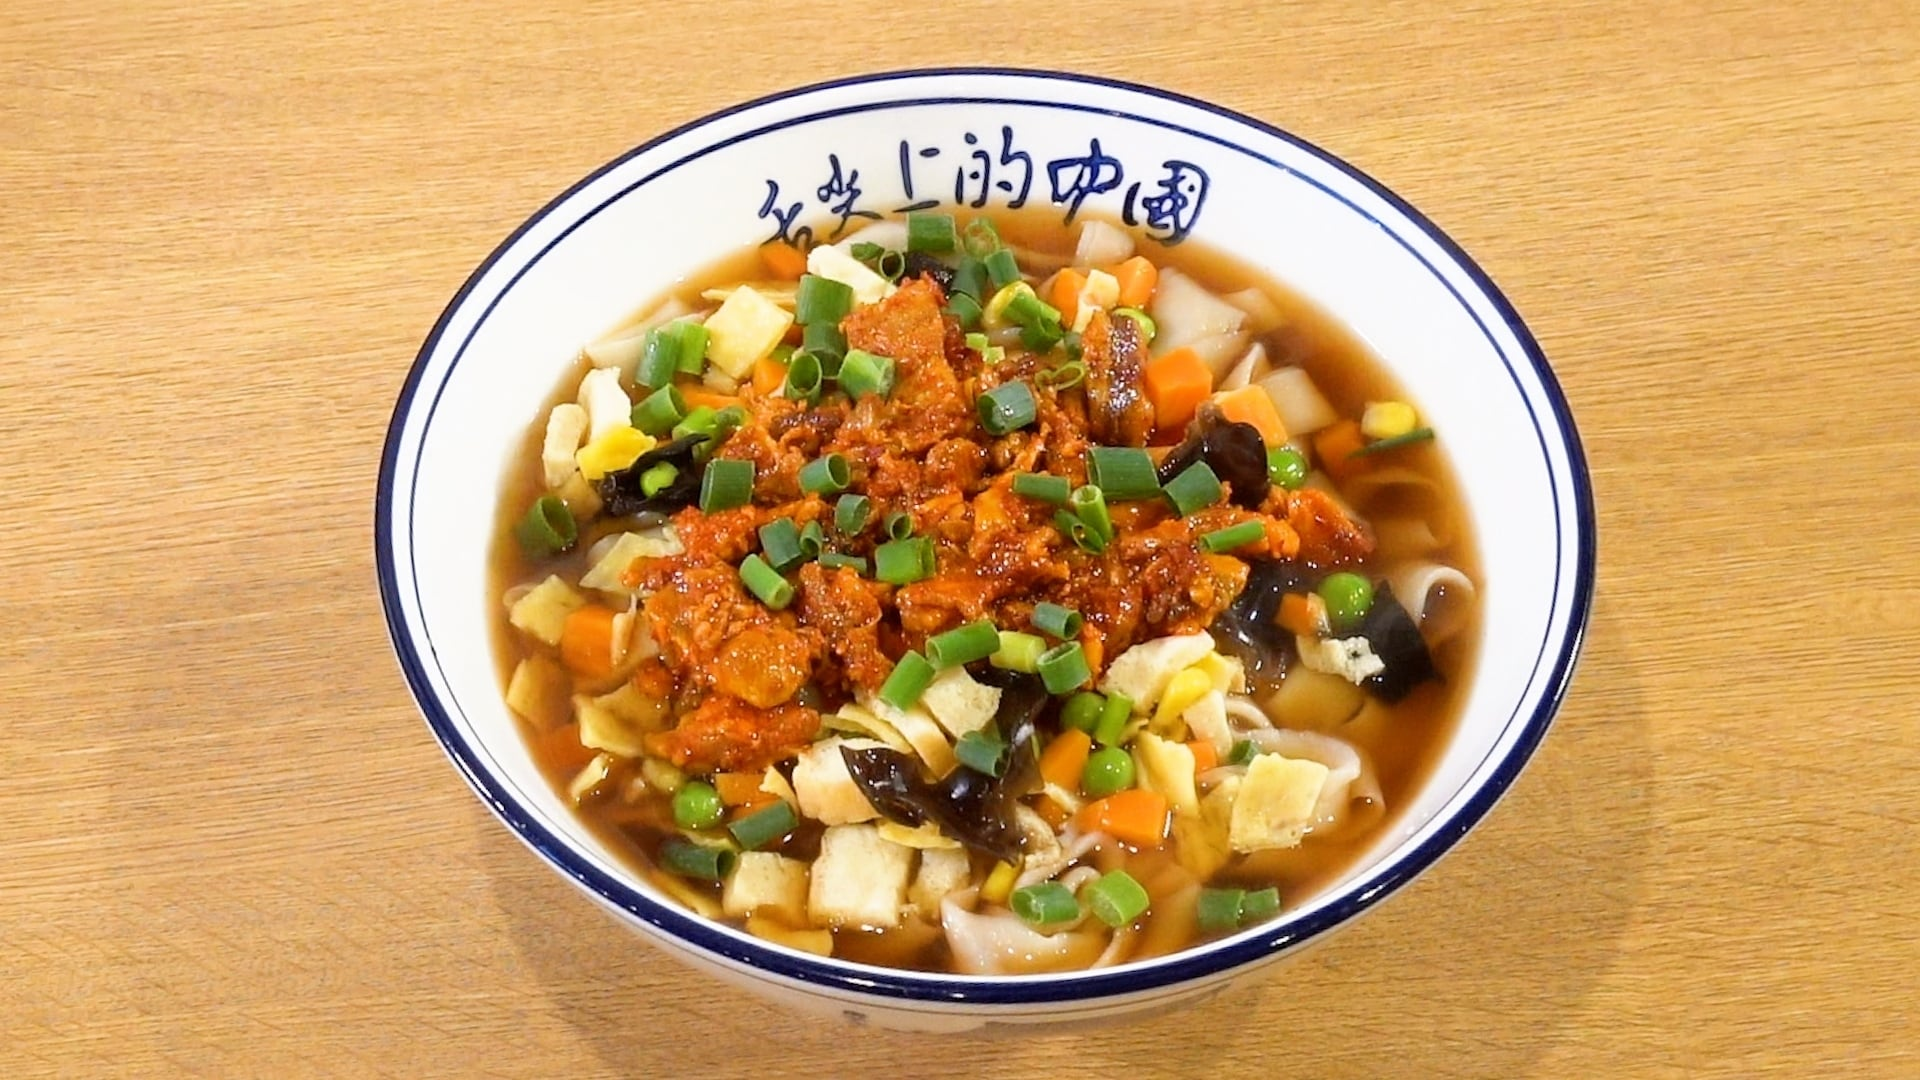 岐山臊子麺(チーシャンサオズメン)